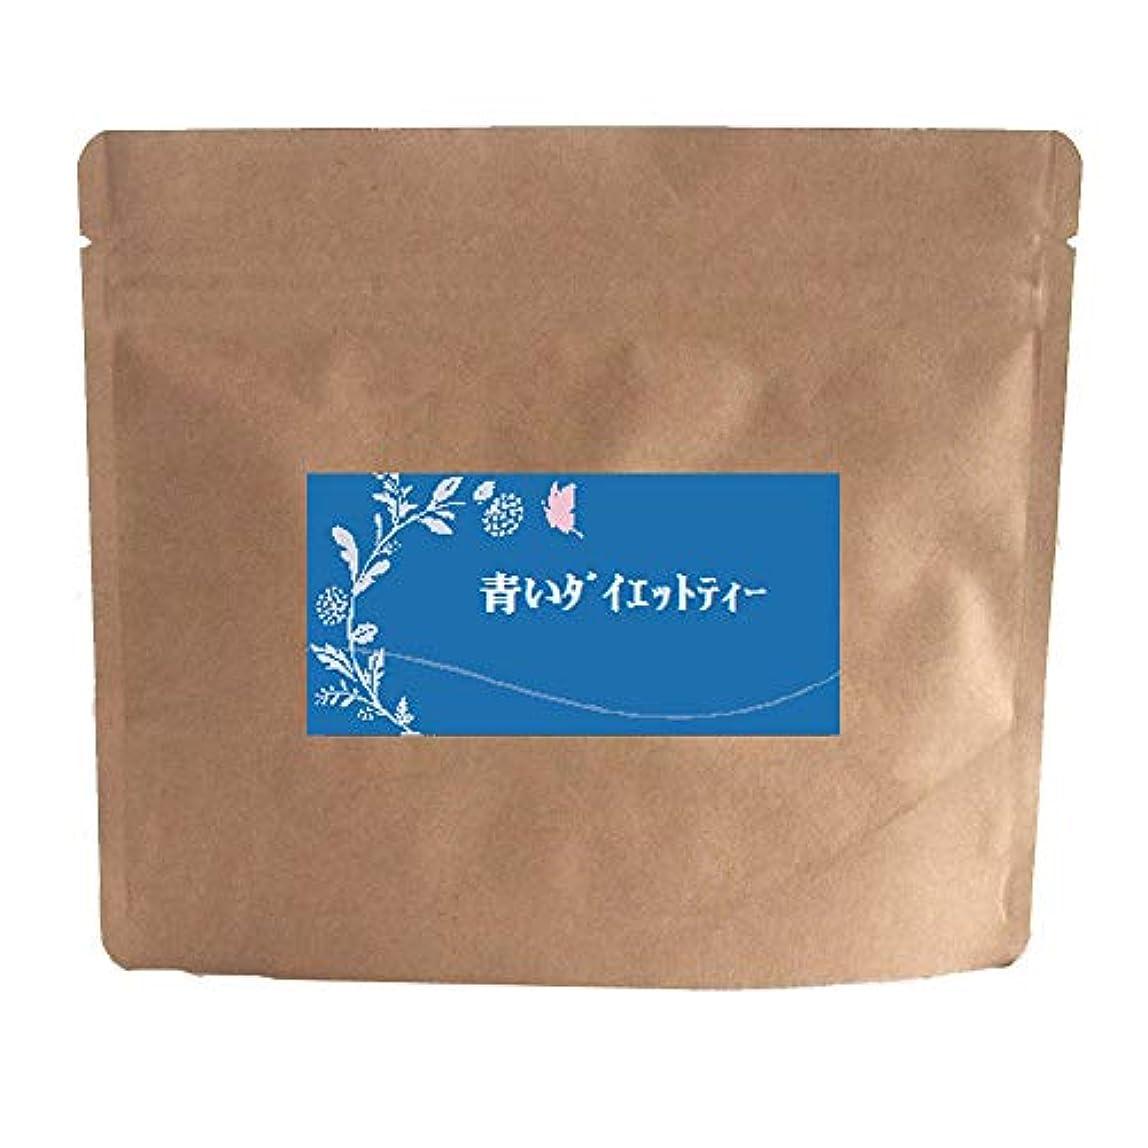 ソーセージ証拠仕出します青いダイエットティー312g バタフライピー 難消化性デキストリン ダイエットドリンク 粉末 パウダー